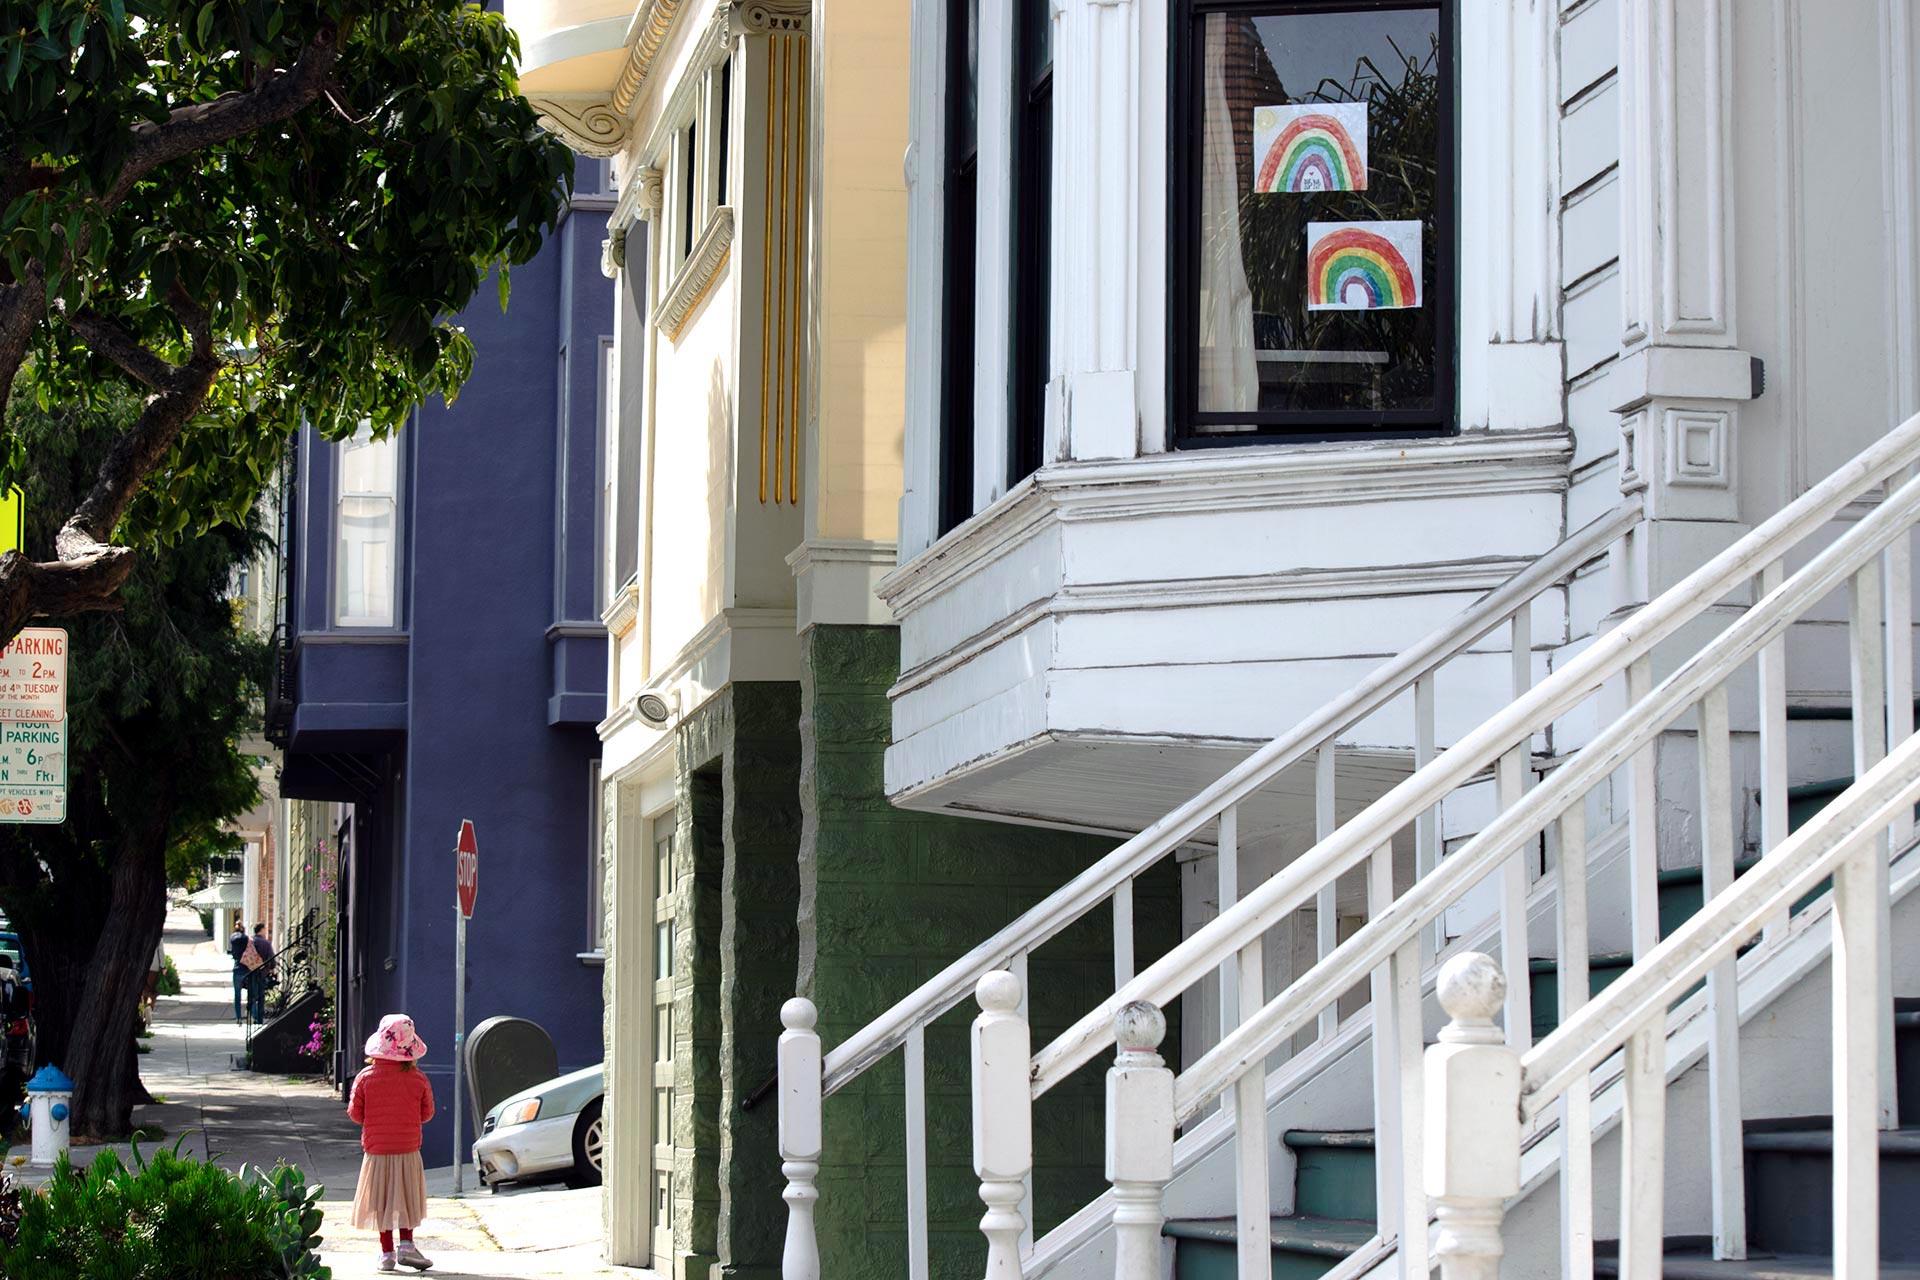 San Franciscossakin on askarreltu sateenkaaria ikkunoihin toiveikkuutta ylläpitämään. Kuva: Reetta Kemppi